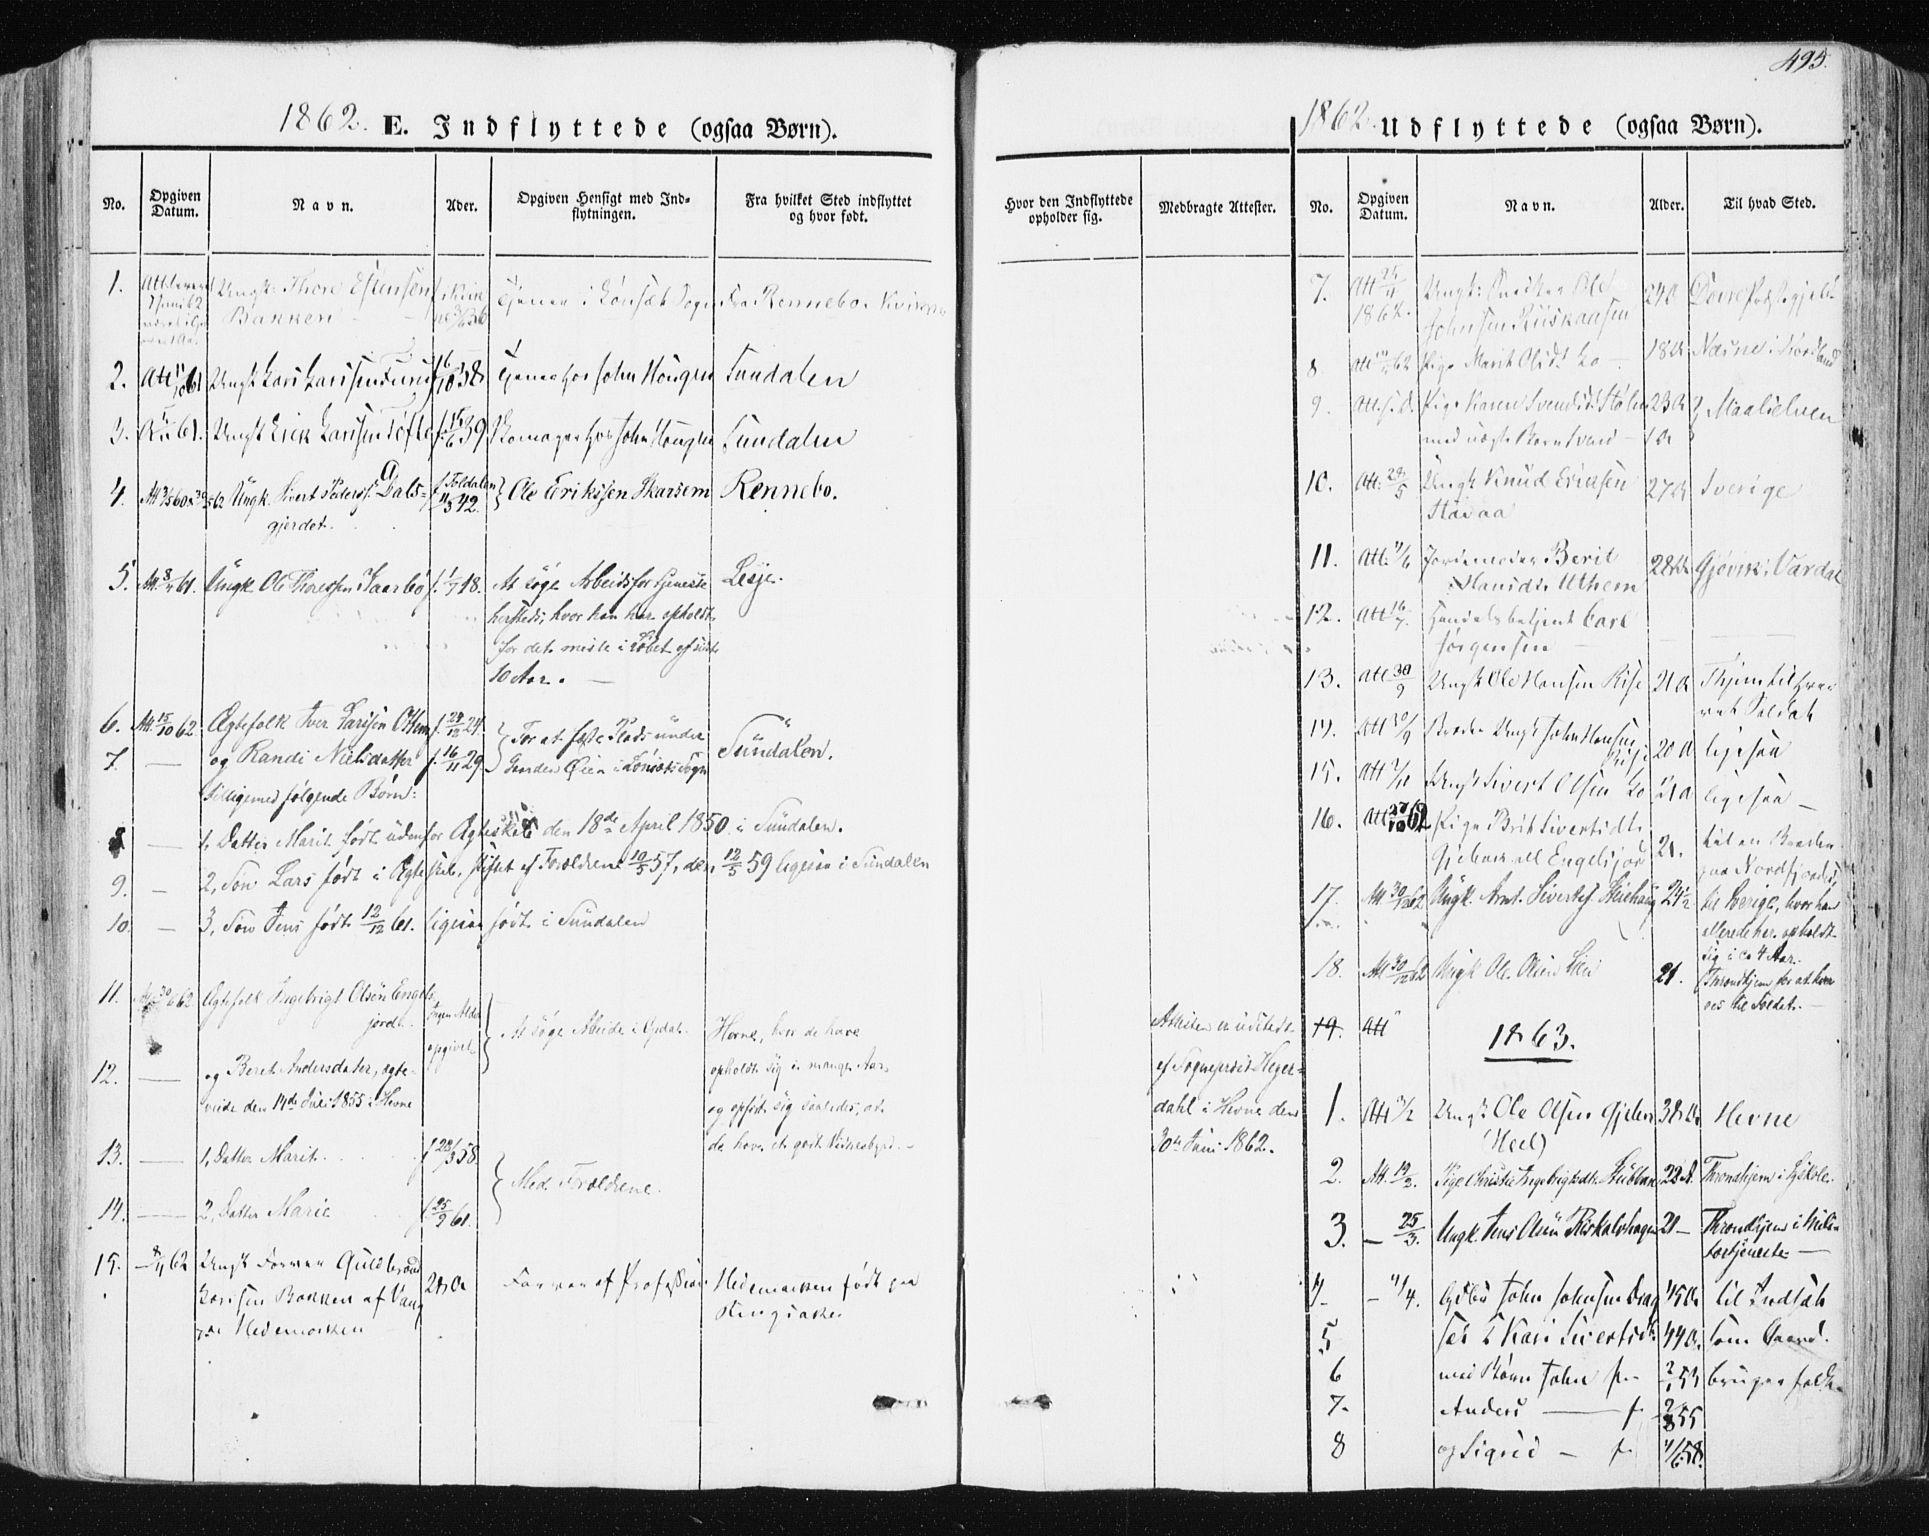 SAT, Ministerialprotokoller, klokkerbøker og fødselsregistre - Sør-Trøndelag, 678/L0899: Ministerialbok nr. 678A08, 1848-1872, s. 495